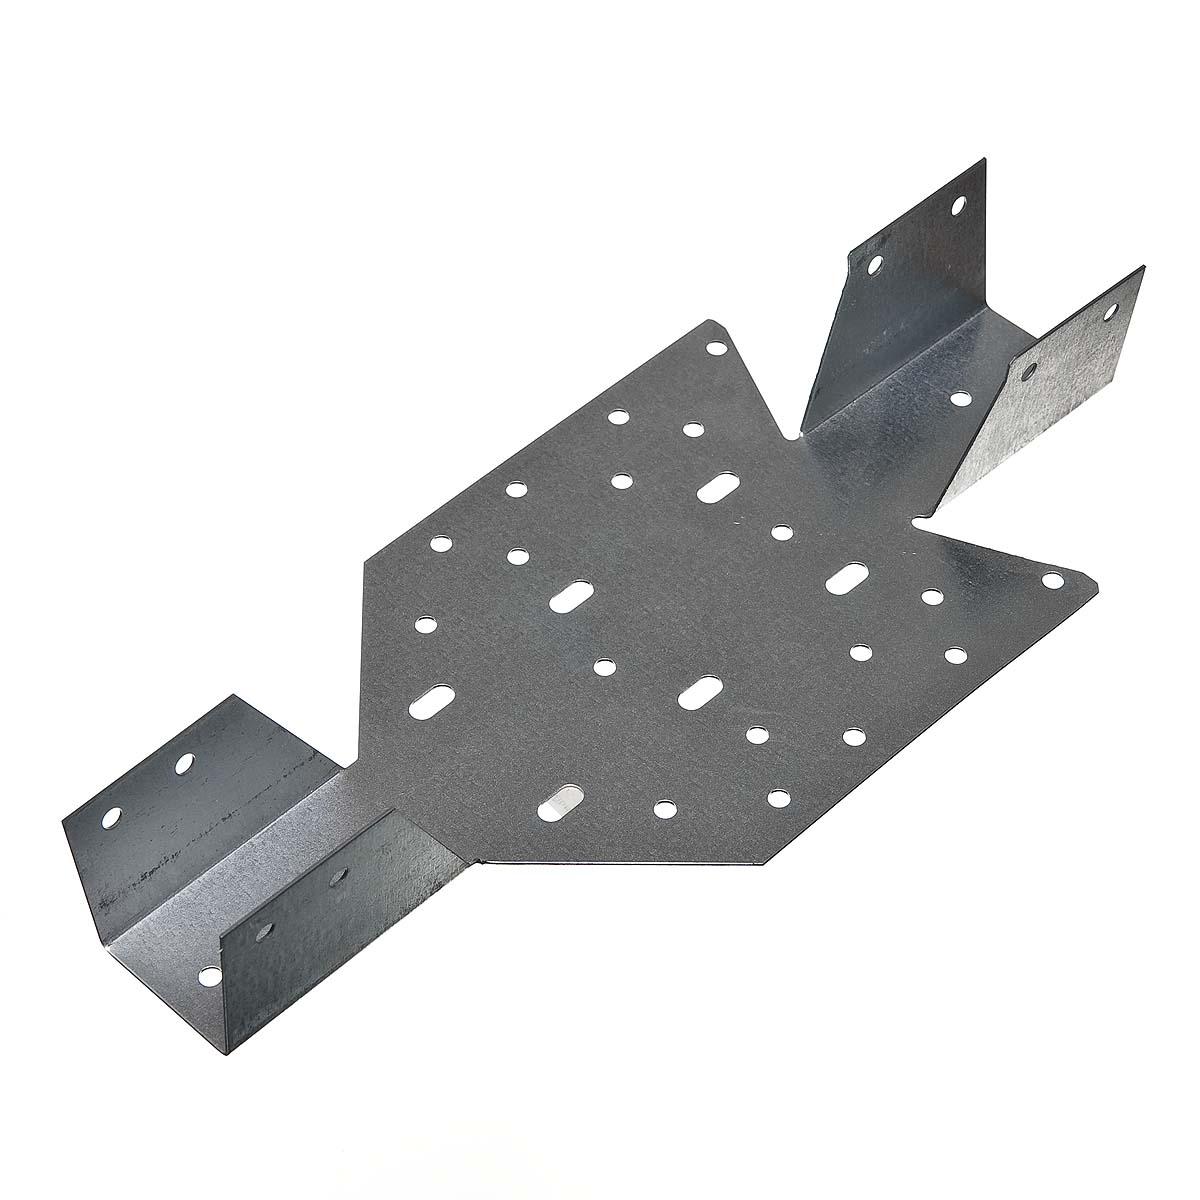 Опора балки универсальная оцинкованная 140х40х70х1 мм